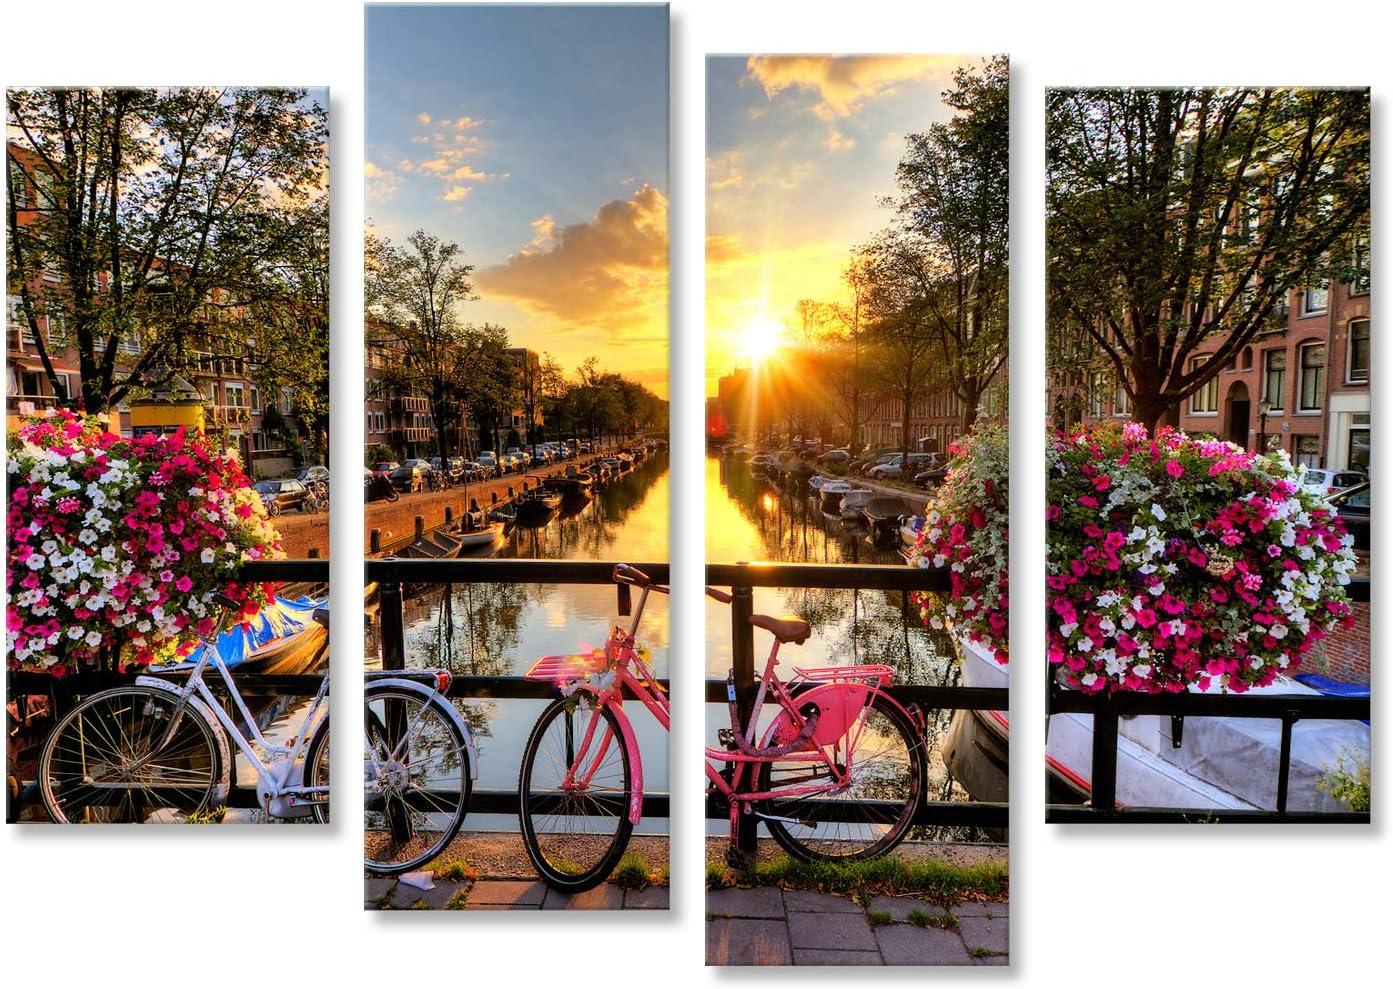 islandburner Quadro Moderno Canali di Amsterdam Fiori Stampa su Tela Fotografica Formato XXL Quadro x poltrone Salotto Cucina mobili Ufficio casa